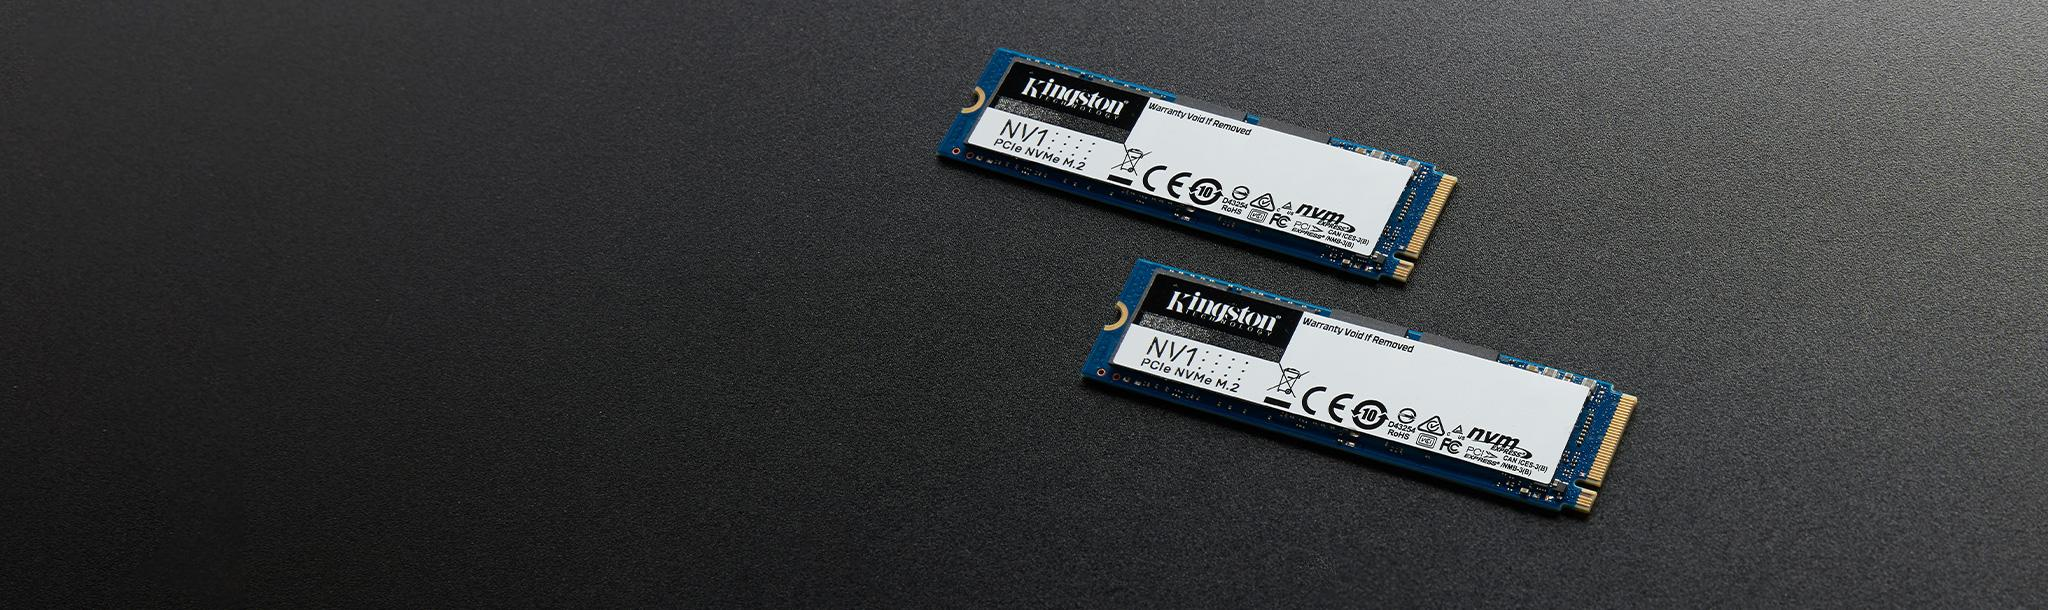 Ổ cứng SSD Kingston SNVS 1TB NVMe M.2 2280 PCIe Gen 3 x 4